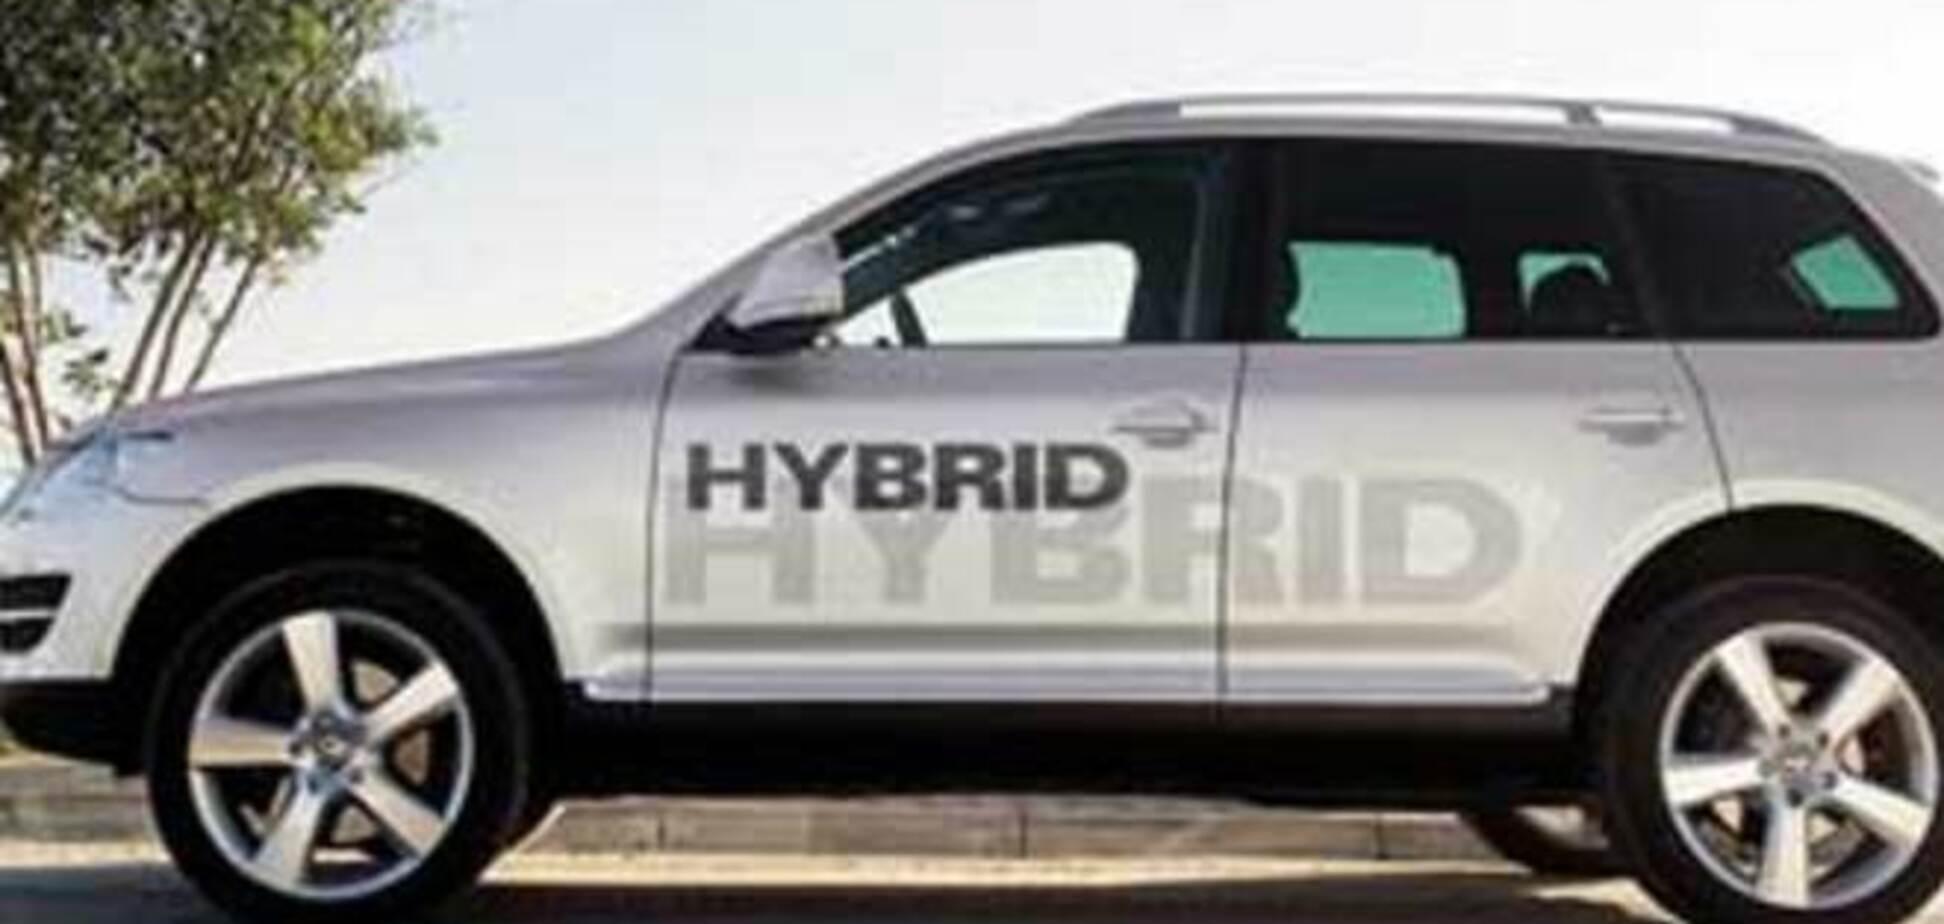 С импорта гибридных автомобилей сняли спецпошлину